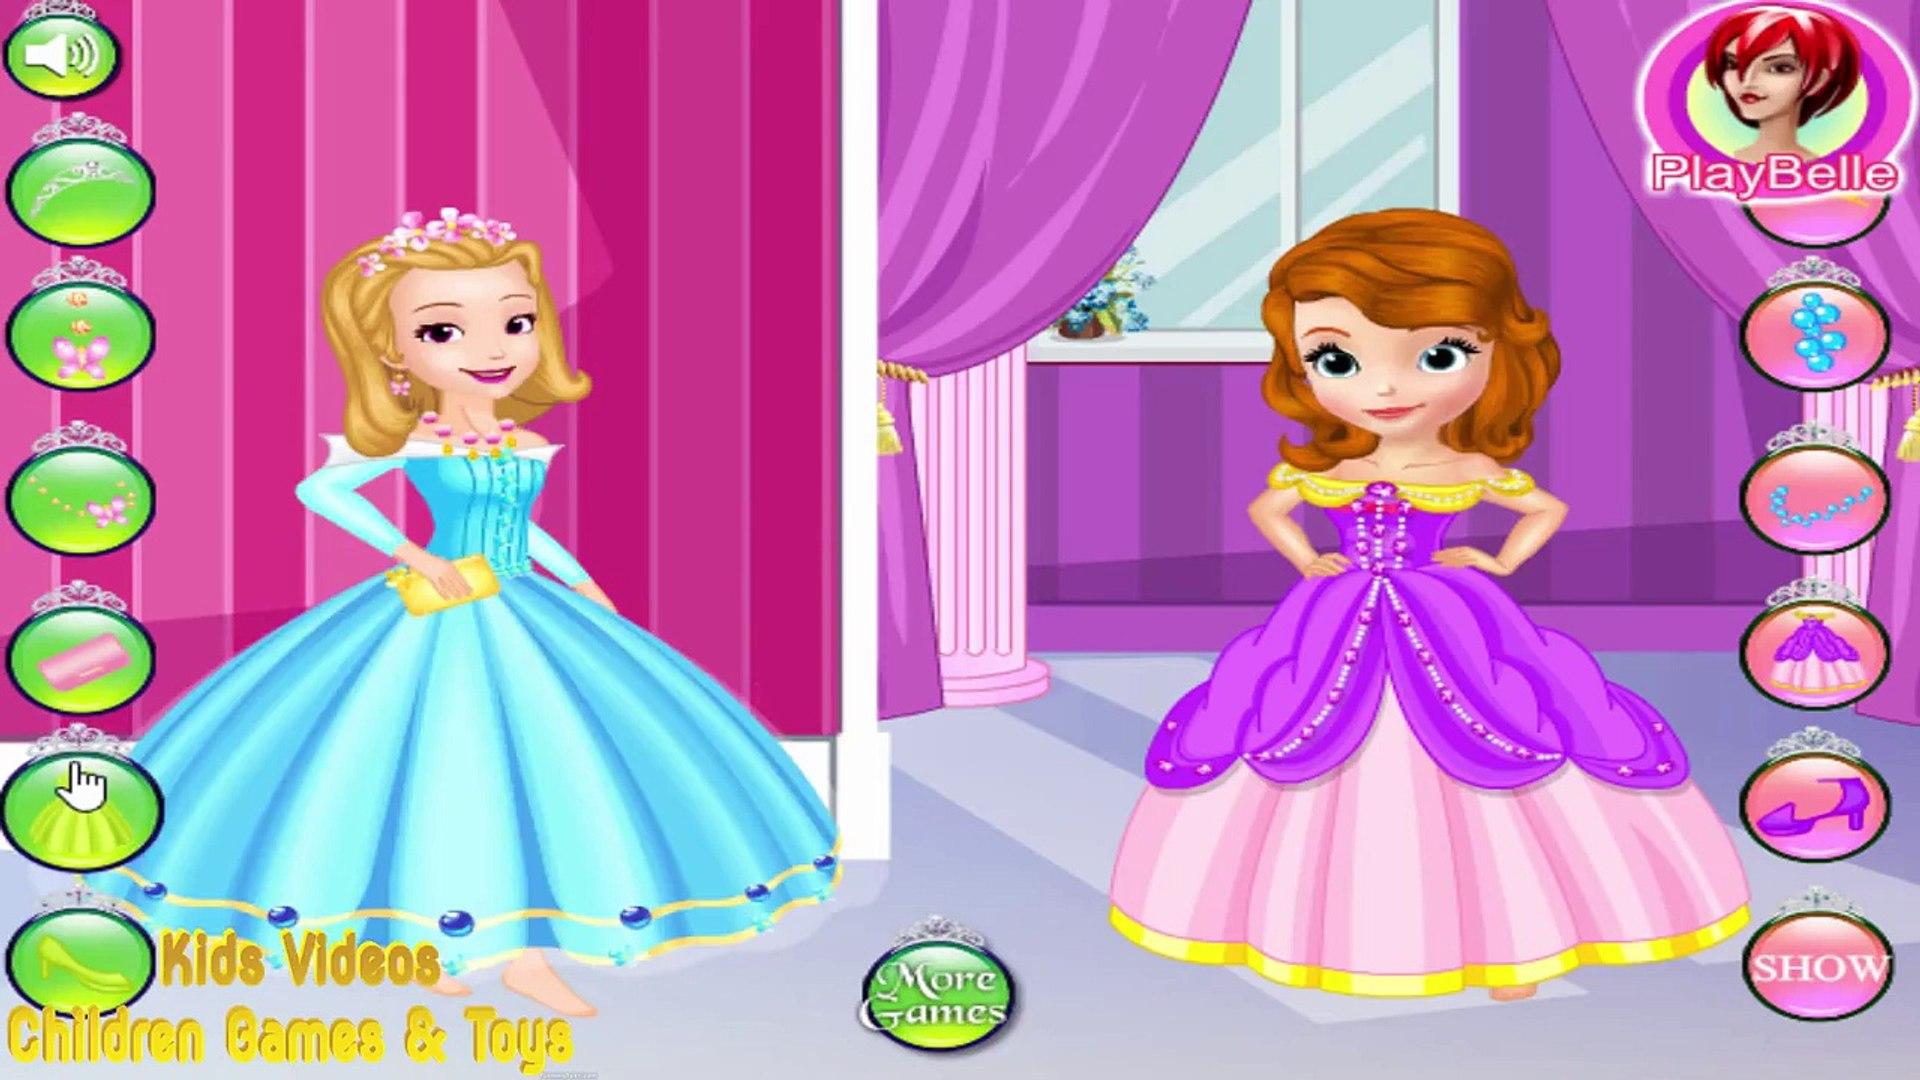 Sofia vs Amber Fashion Show | Sofia vs Amber Fashion Show Games For Girls And Little Kids